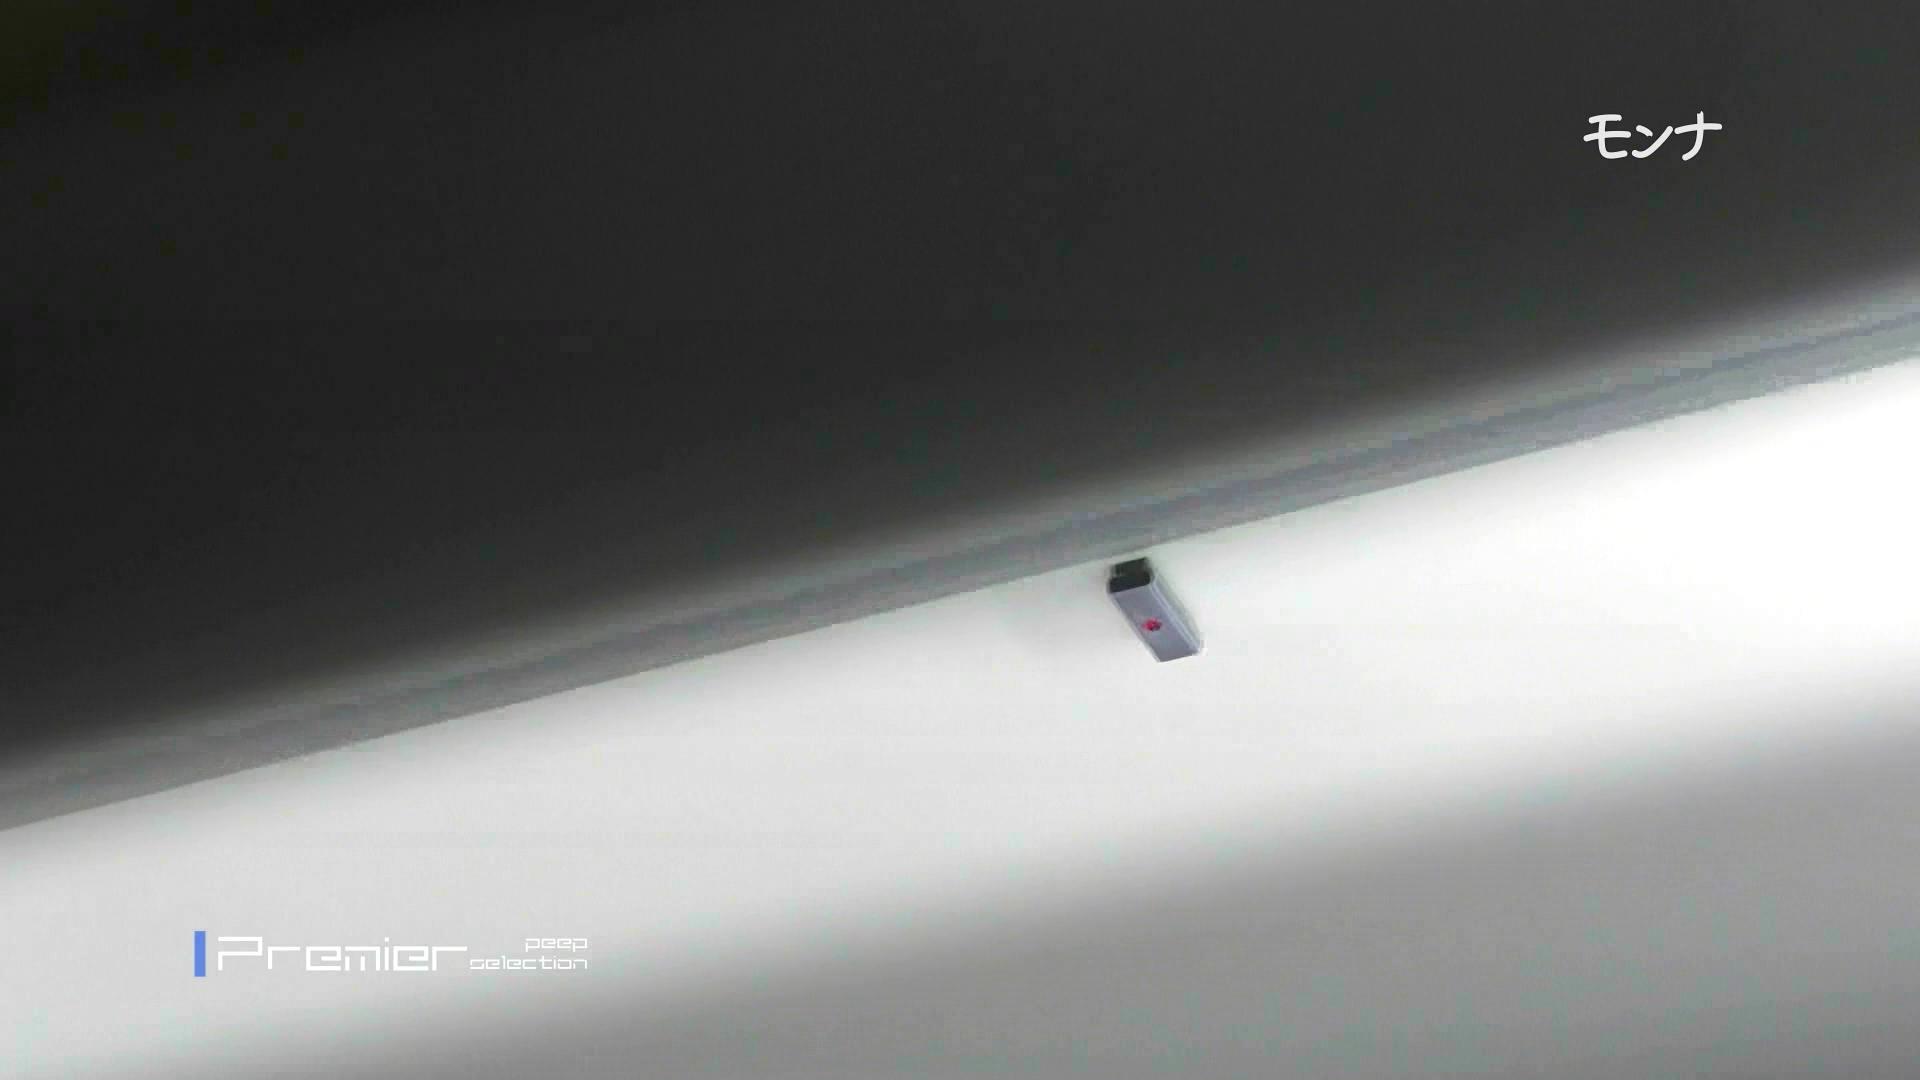 遂に!!戸田恵梨香似の予告モデル登場ダッシュで「大」 むっちりガール AV動画キャプチャ 84枚 39